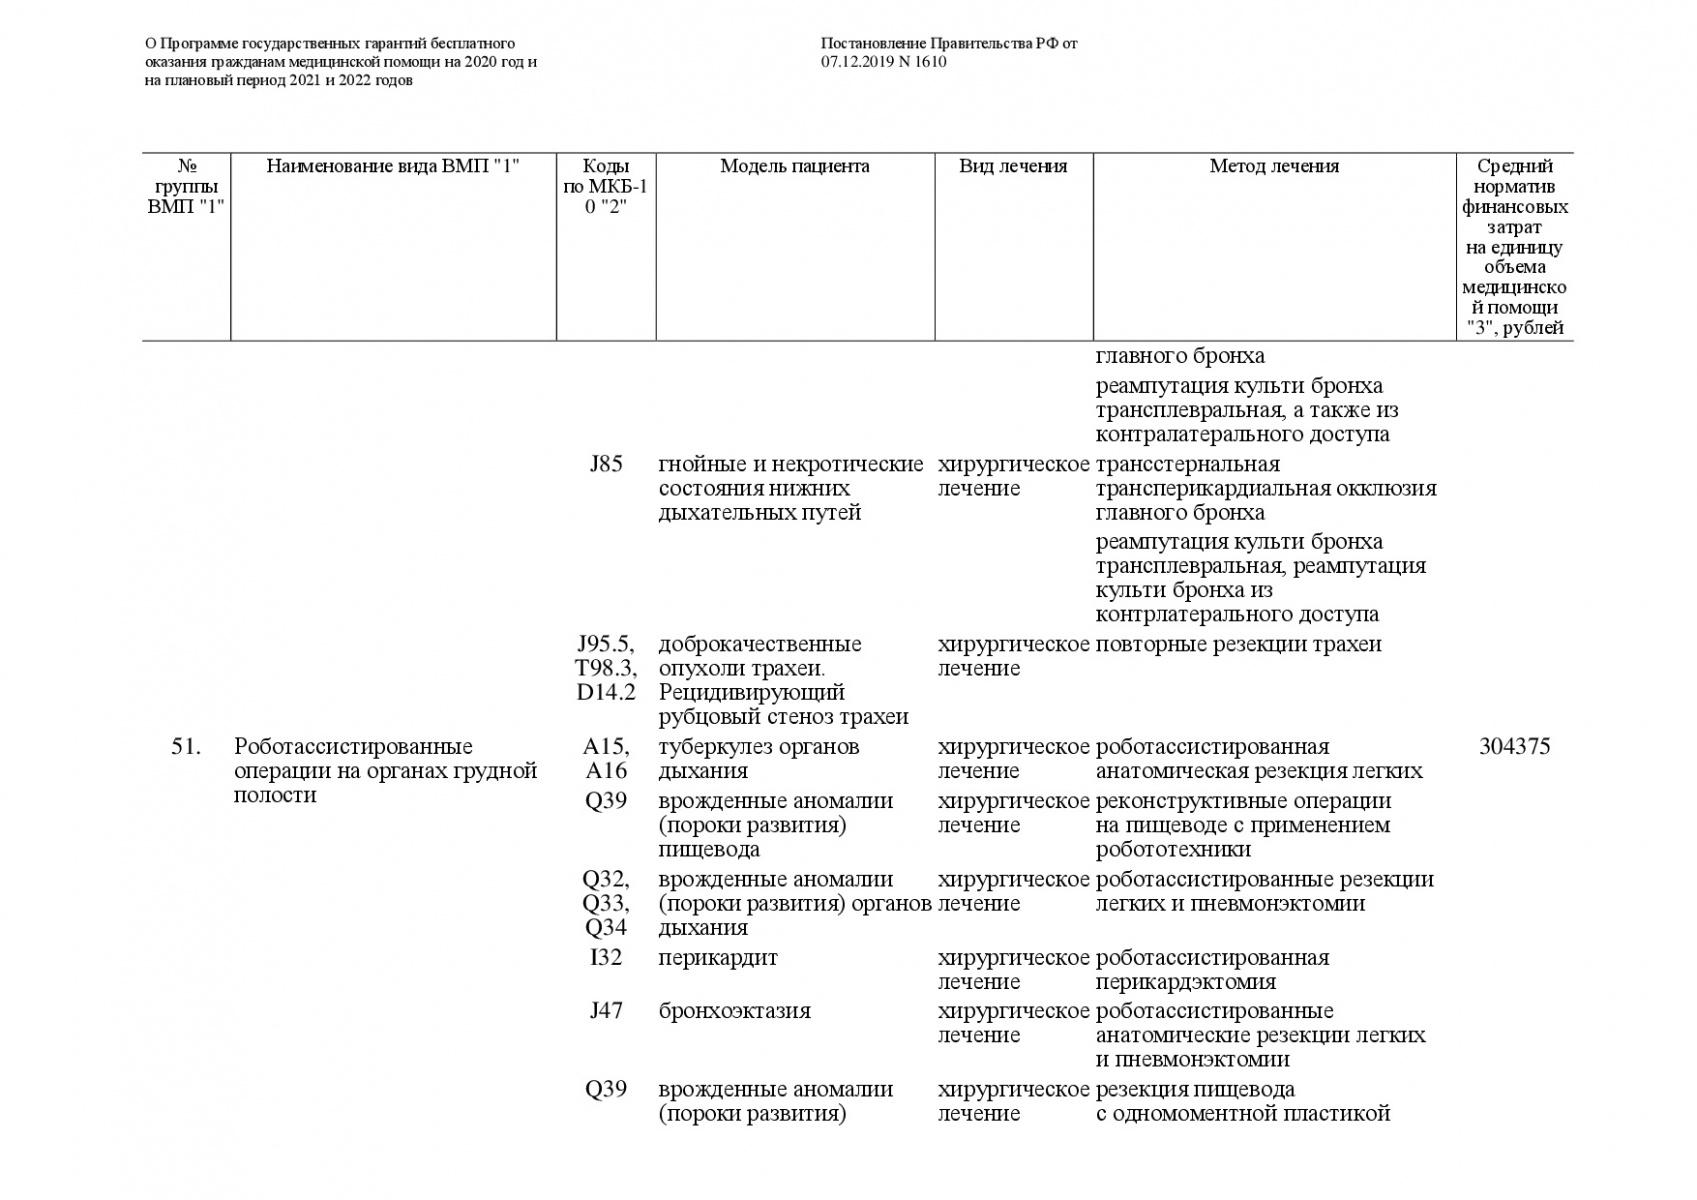 Postanovlenie-Pravitelstva-RF-ot-07_12_2019-1610-O-PGG-269